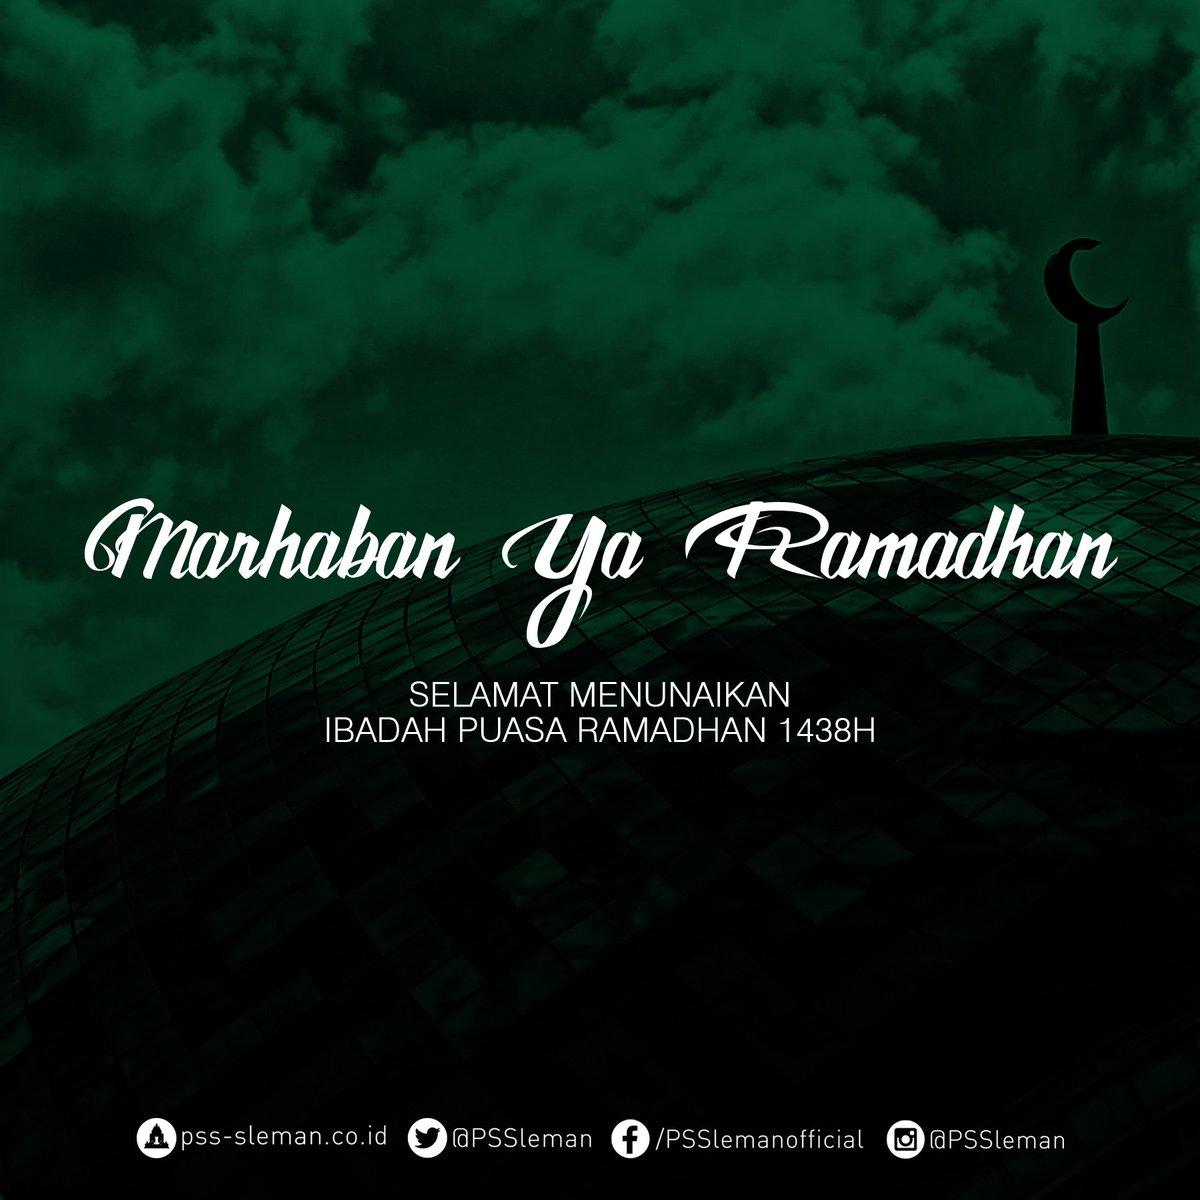 Selamat menunaikan ibadah puasa Ramadhan 1438H. #Ramadhan https://t.co...